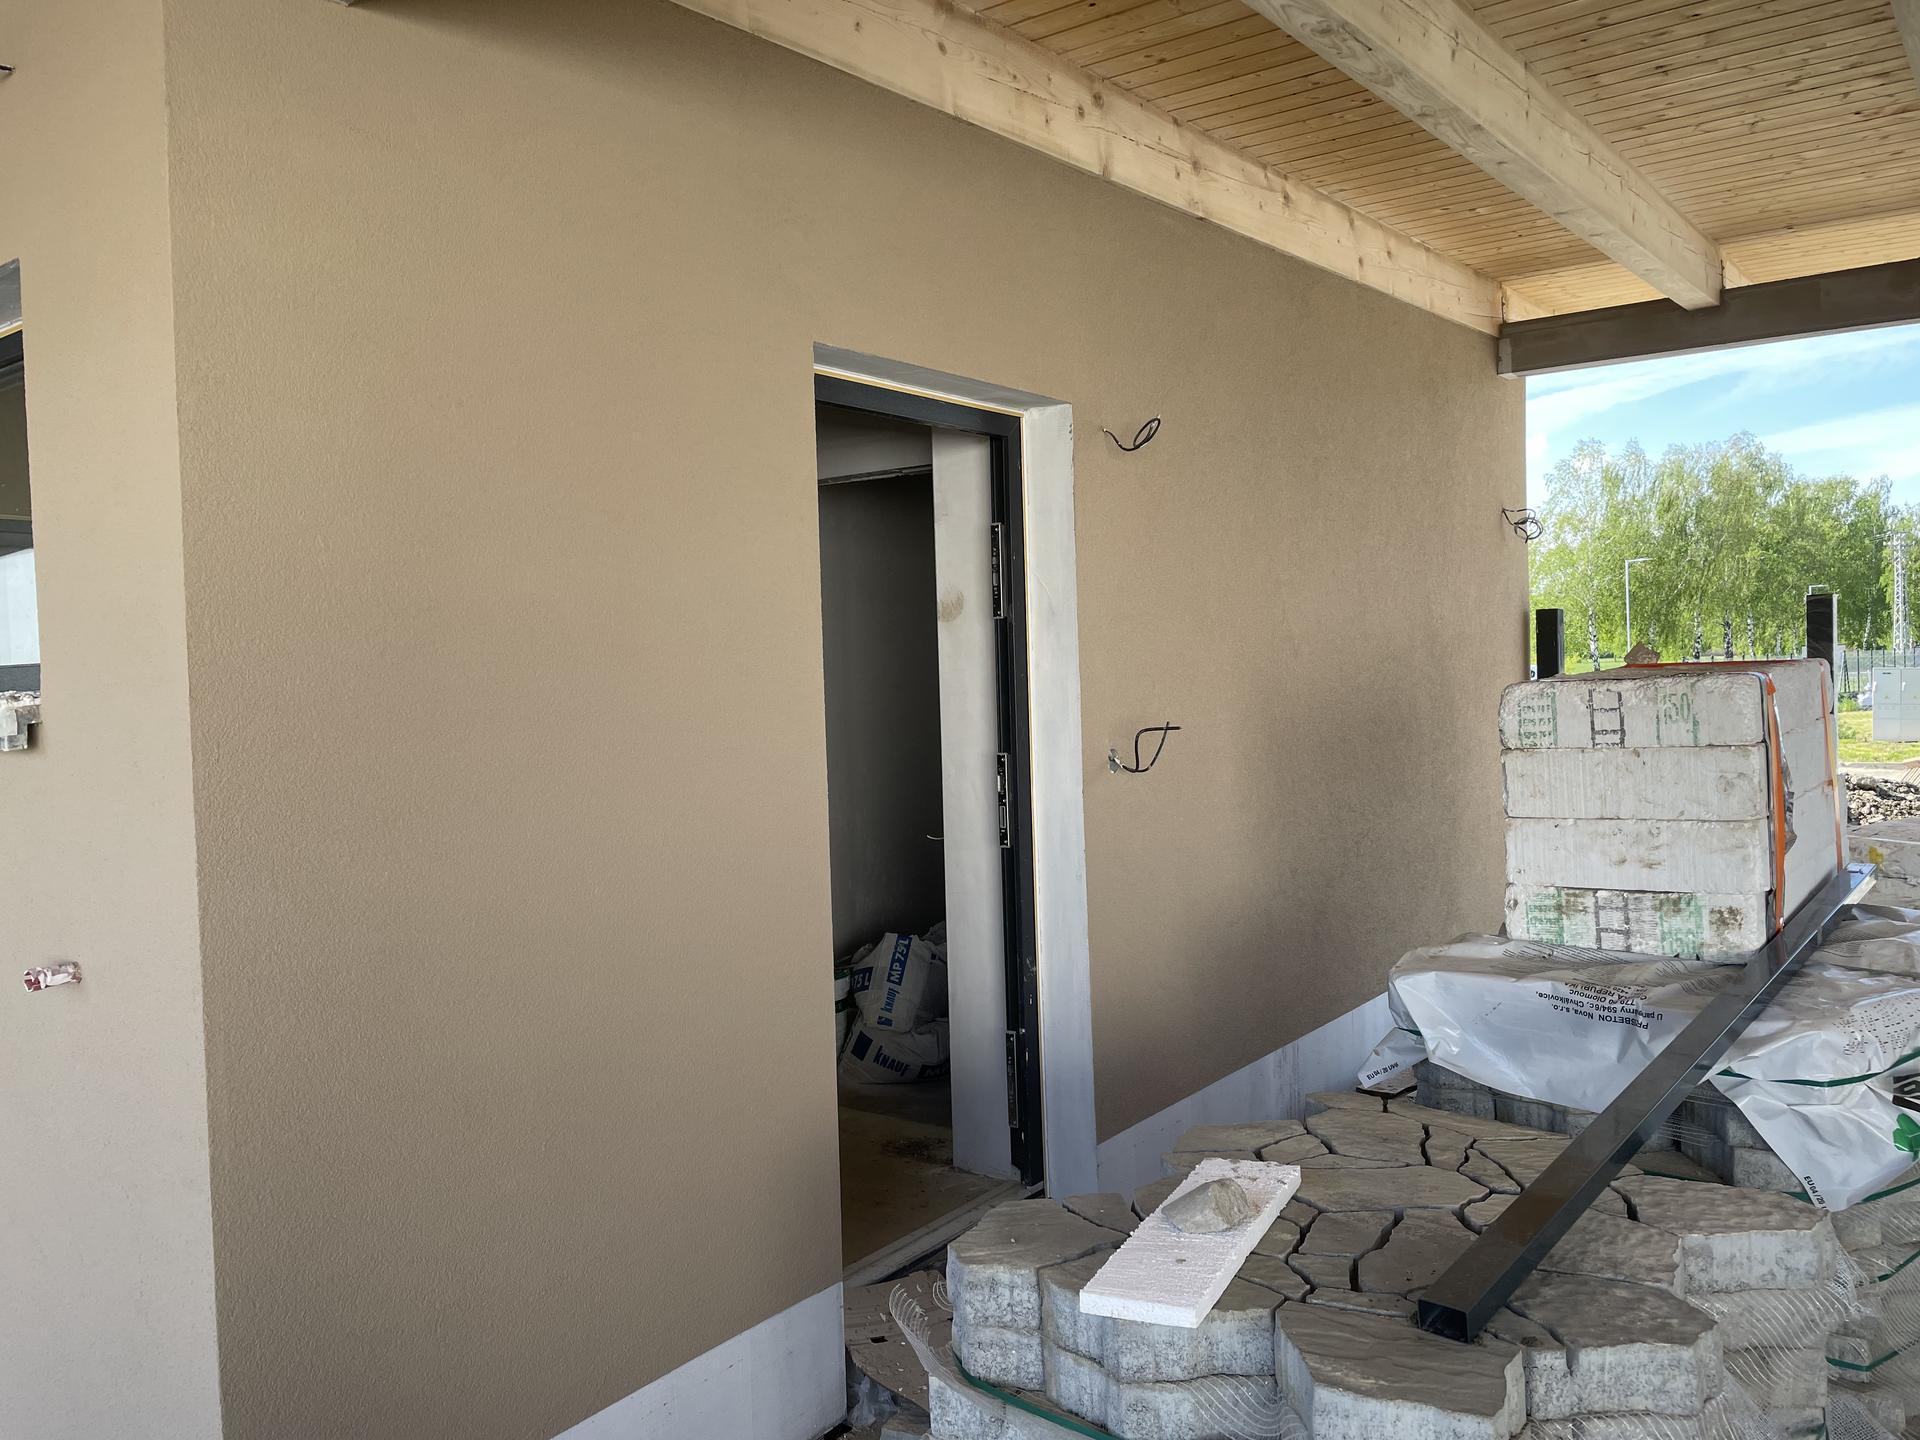 Naše nové doma - Obrázek č. 31